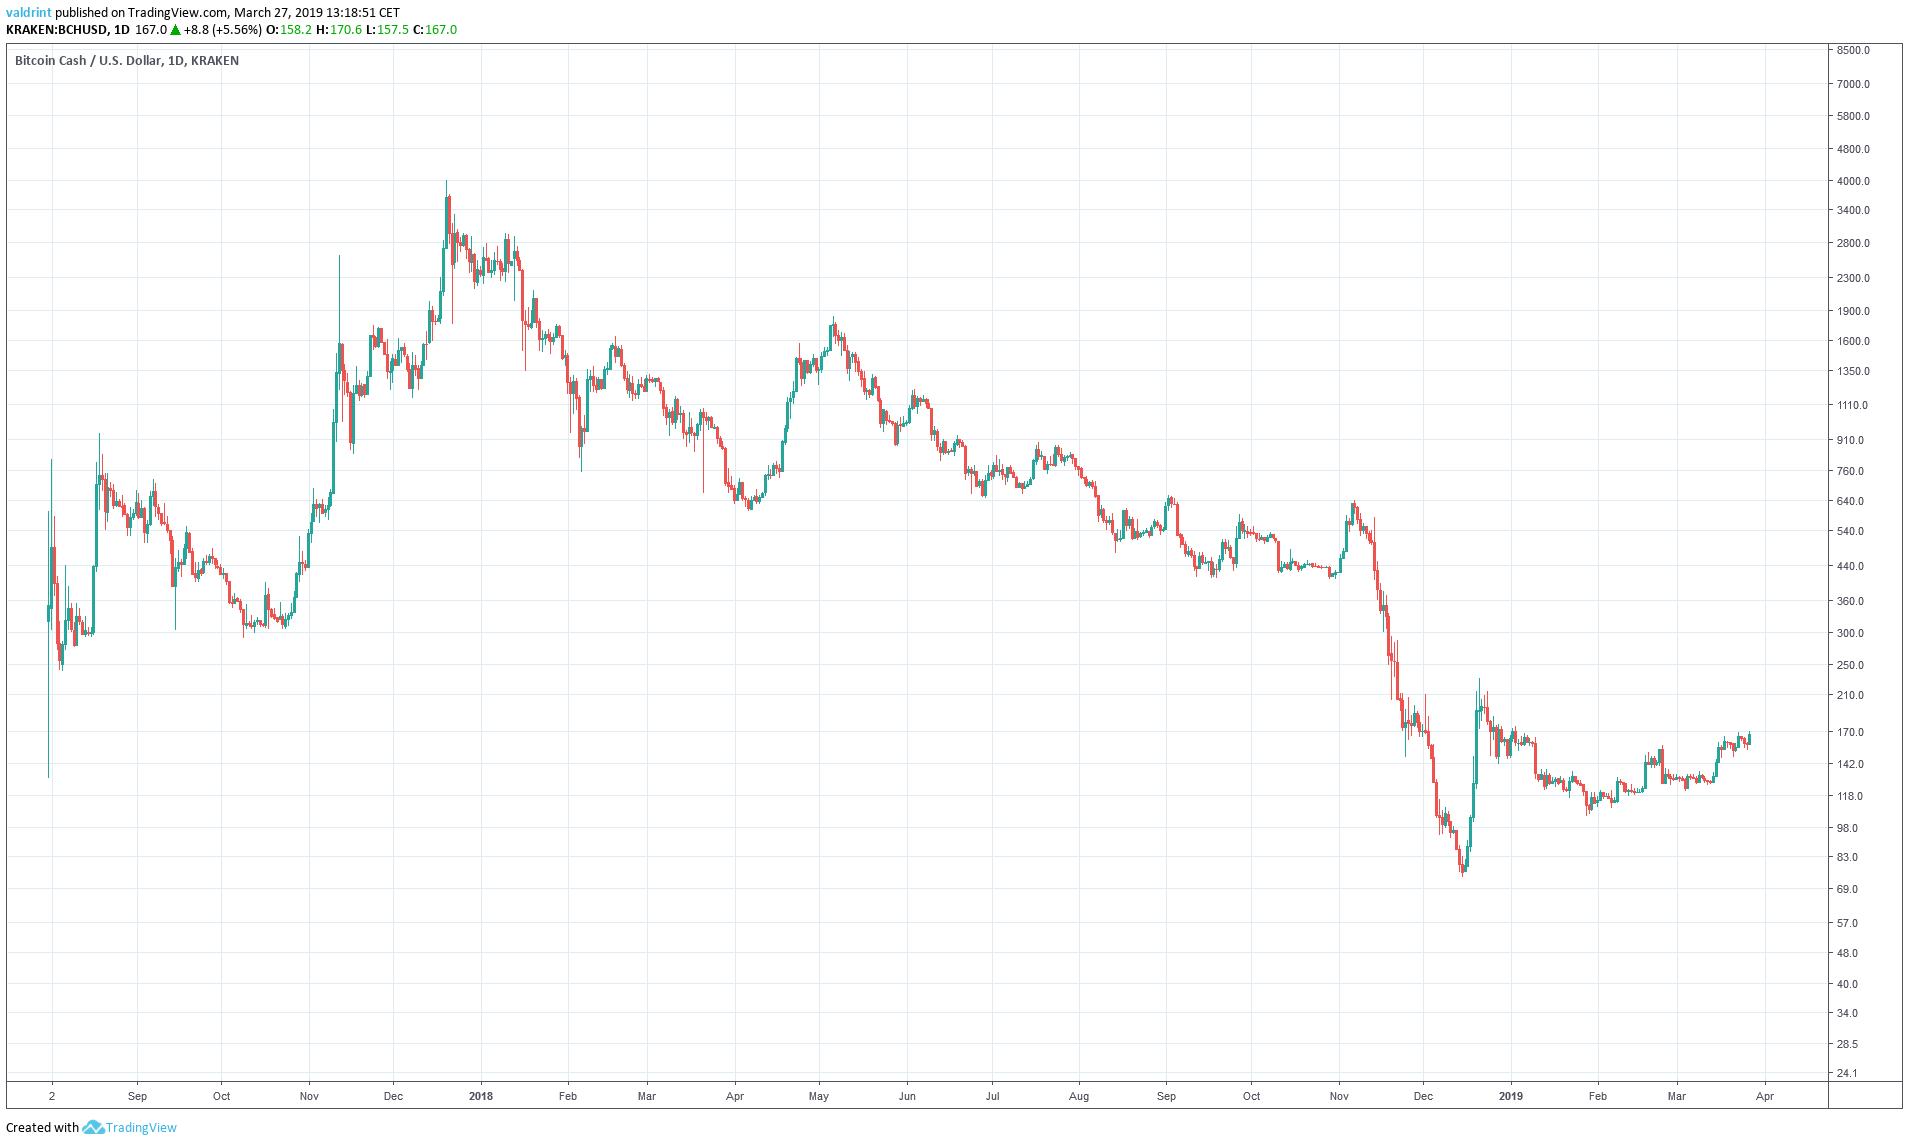 BCH Market Outlook